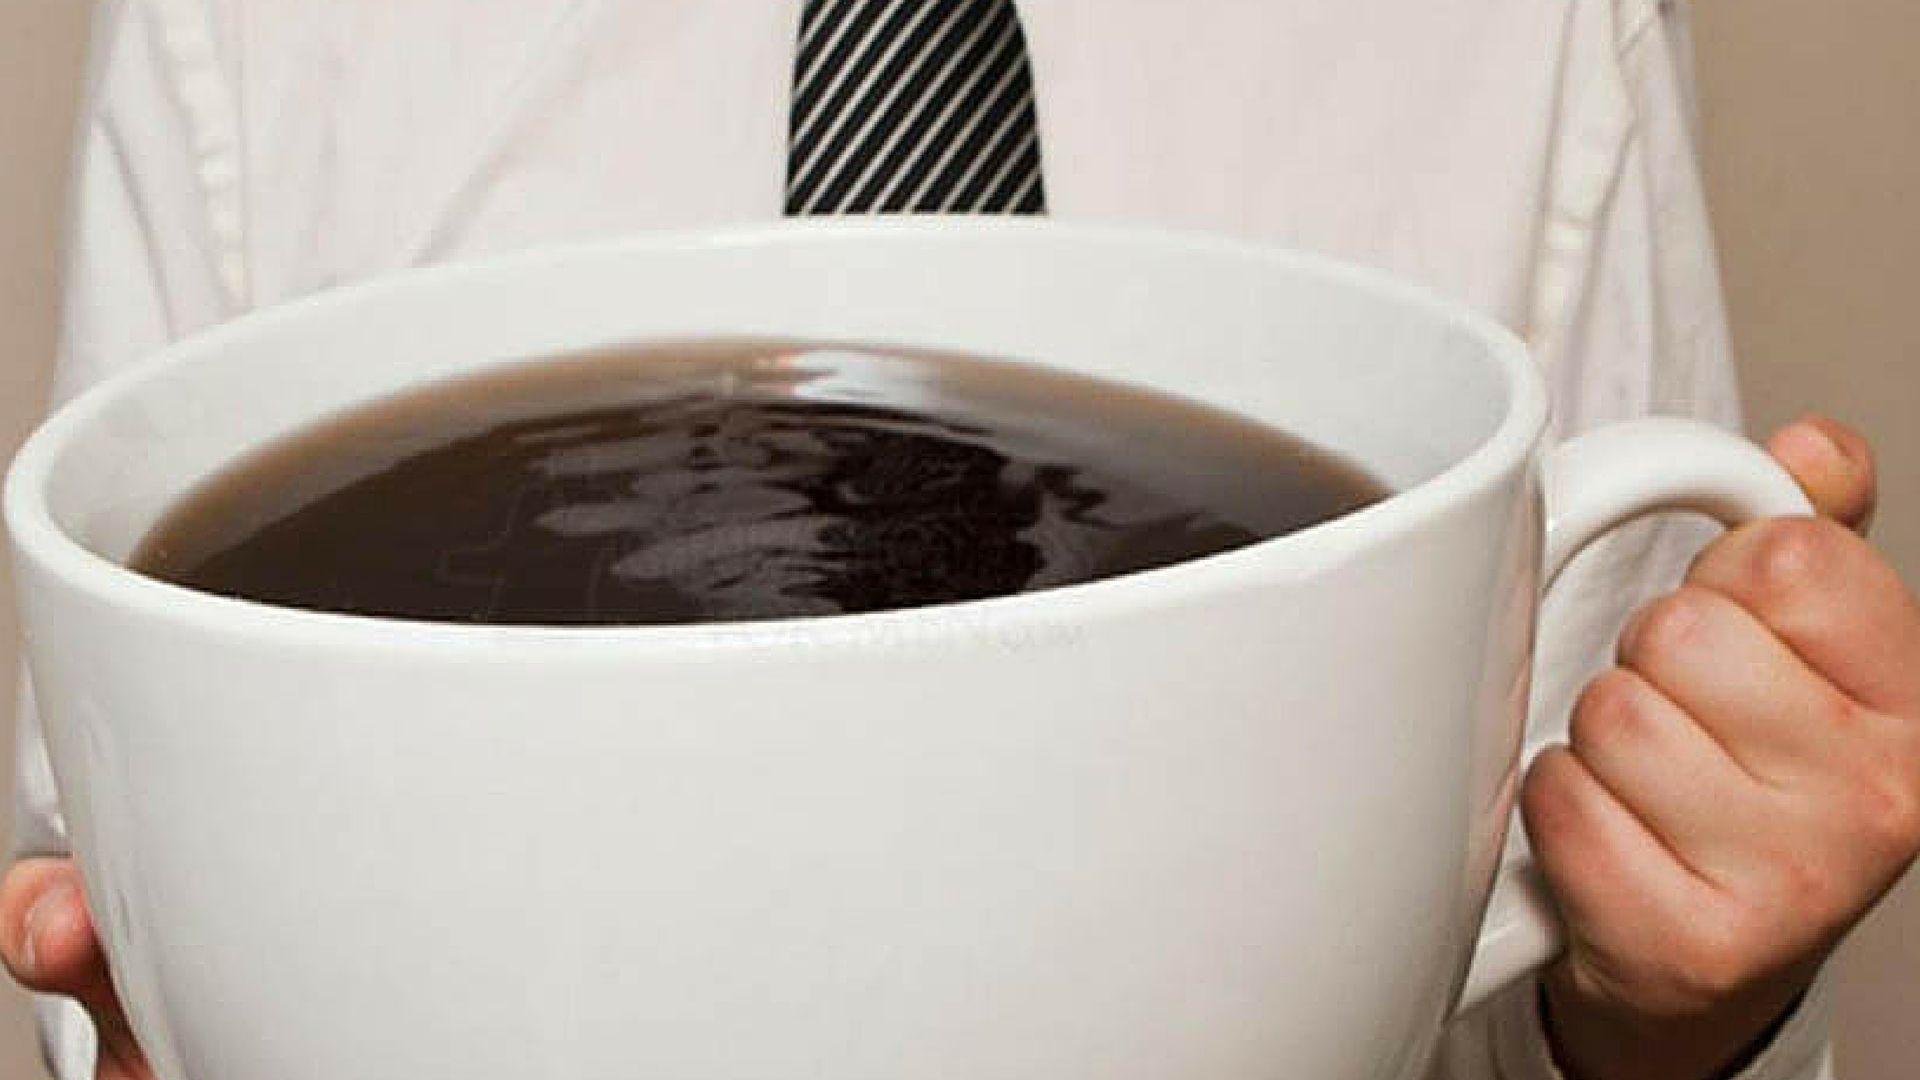 un uomo con una tazza enorme piena di caffè